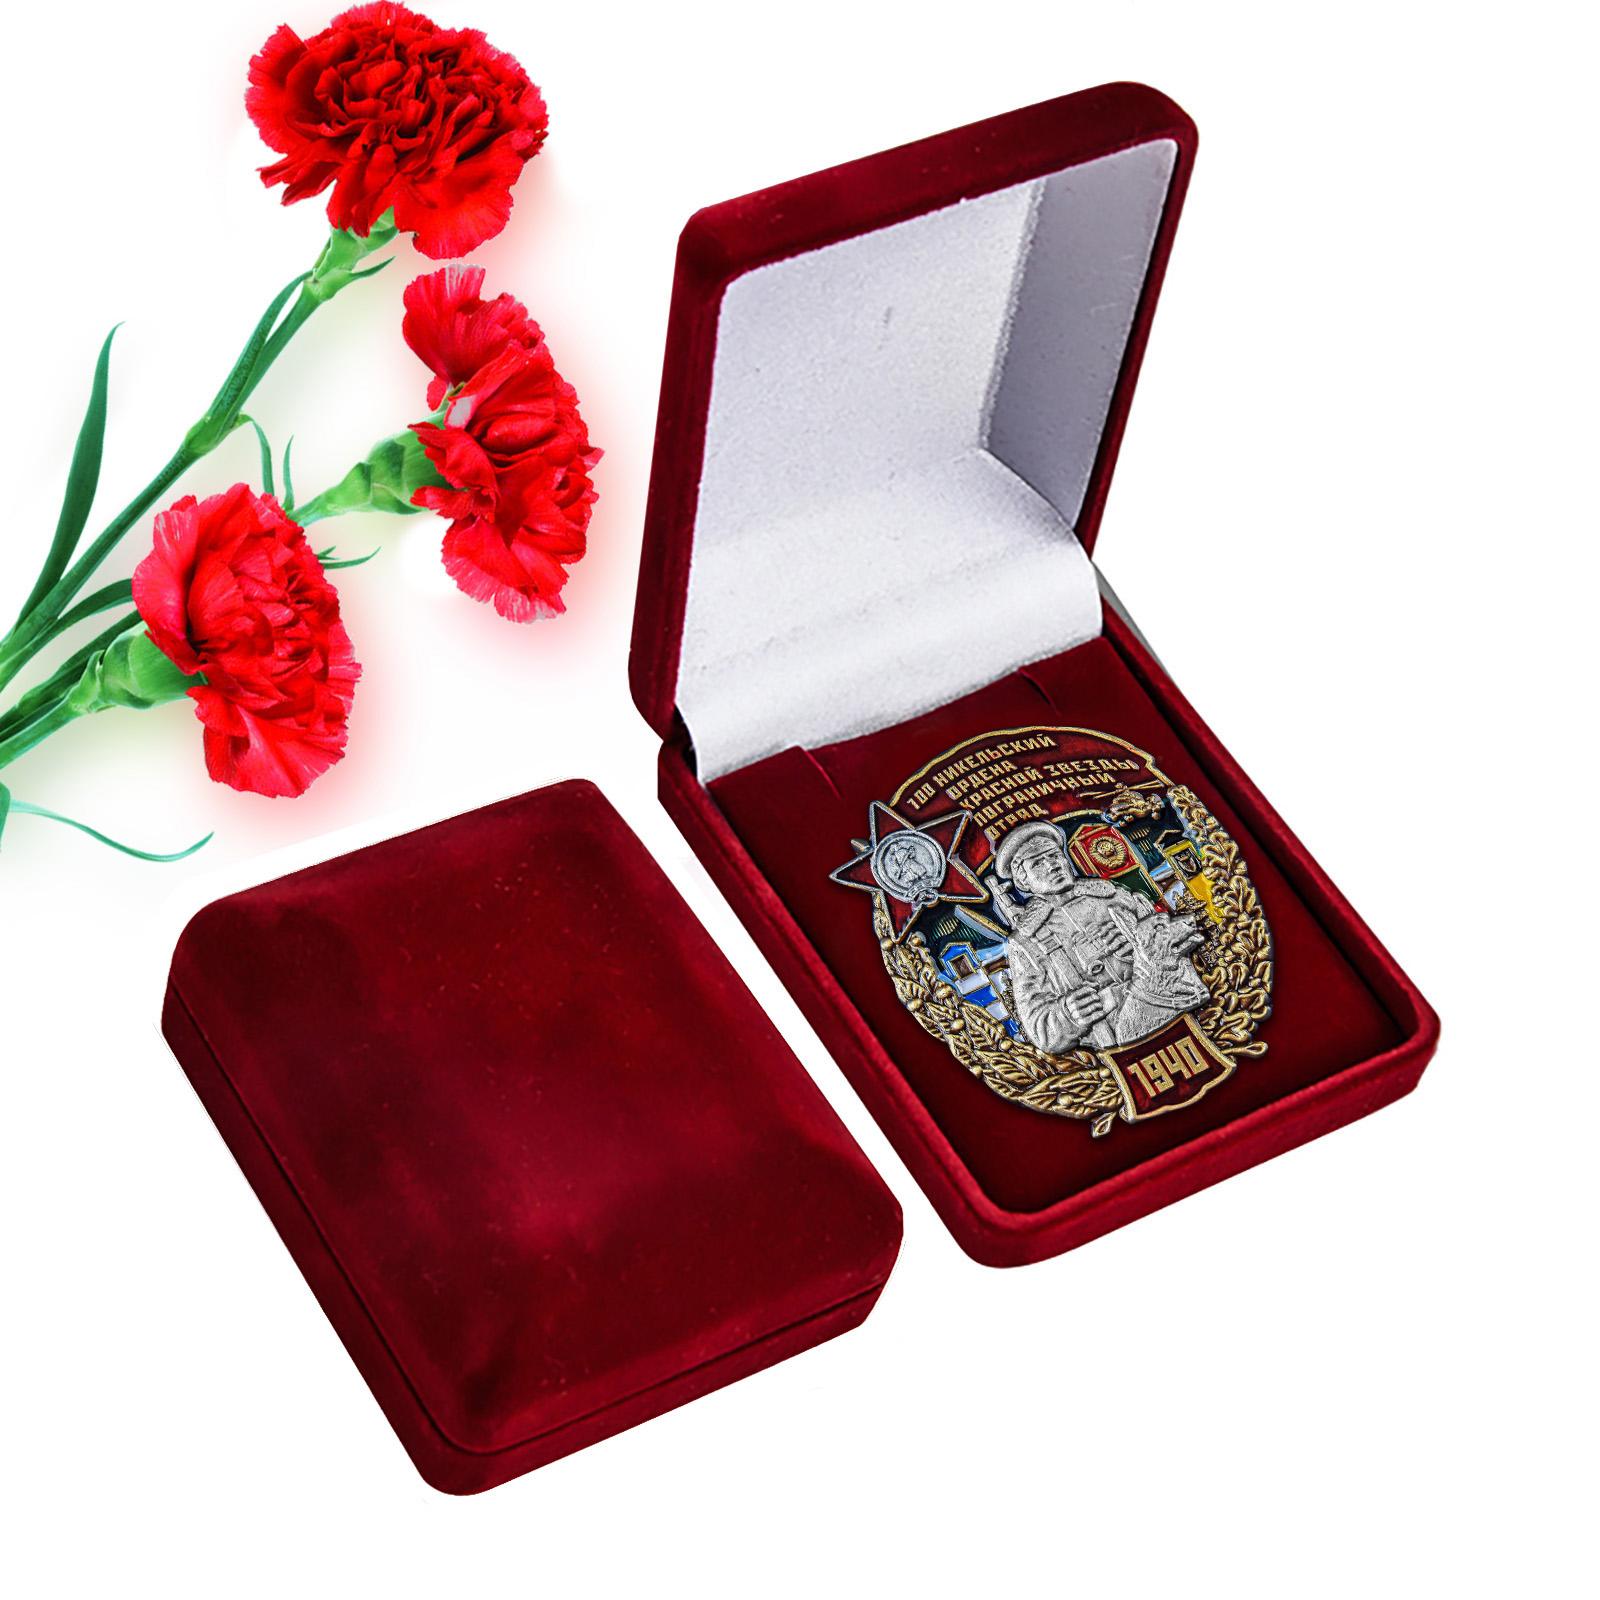 Памятный знак 100 Никельский ордена Красной звезды пограничный отряд